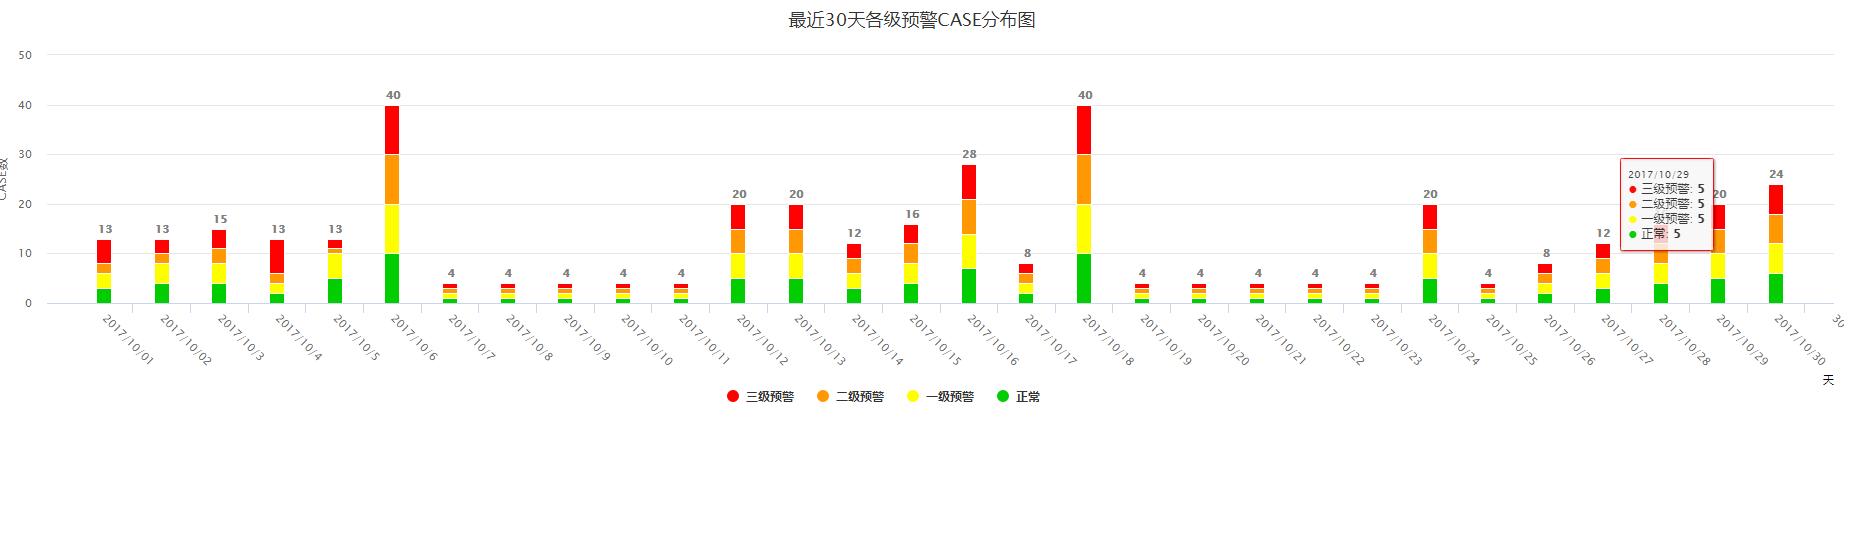 highcharts.js的柱形图插件实现最近30天各级预警CASE分布图代码